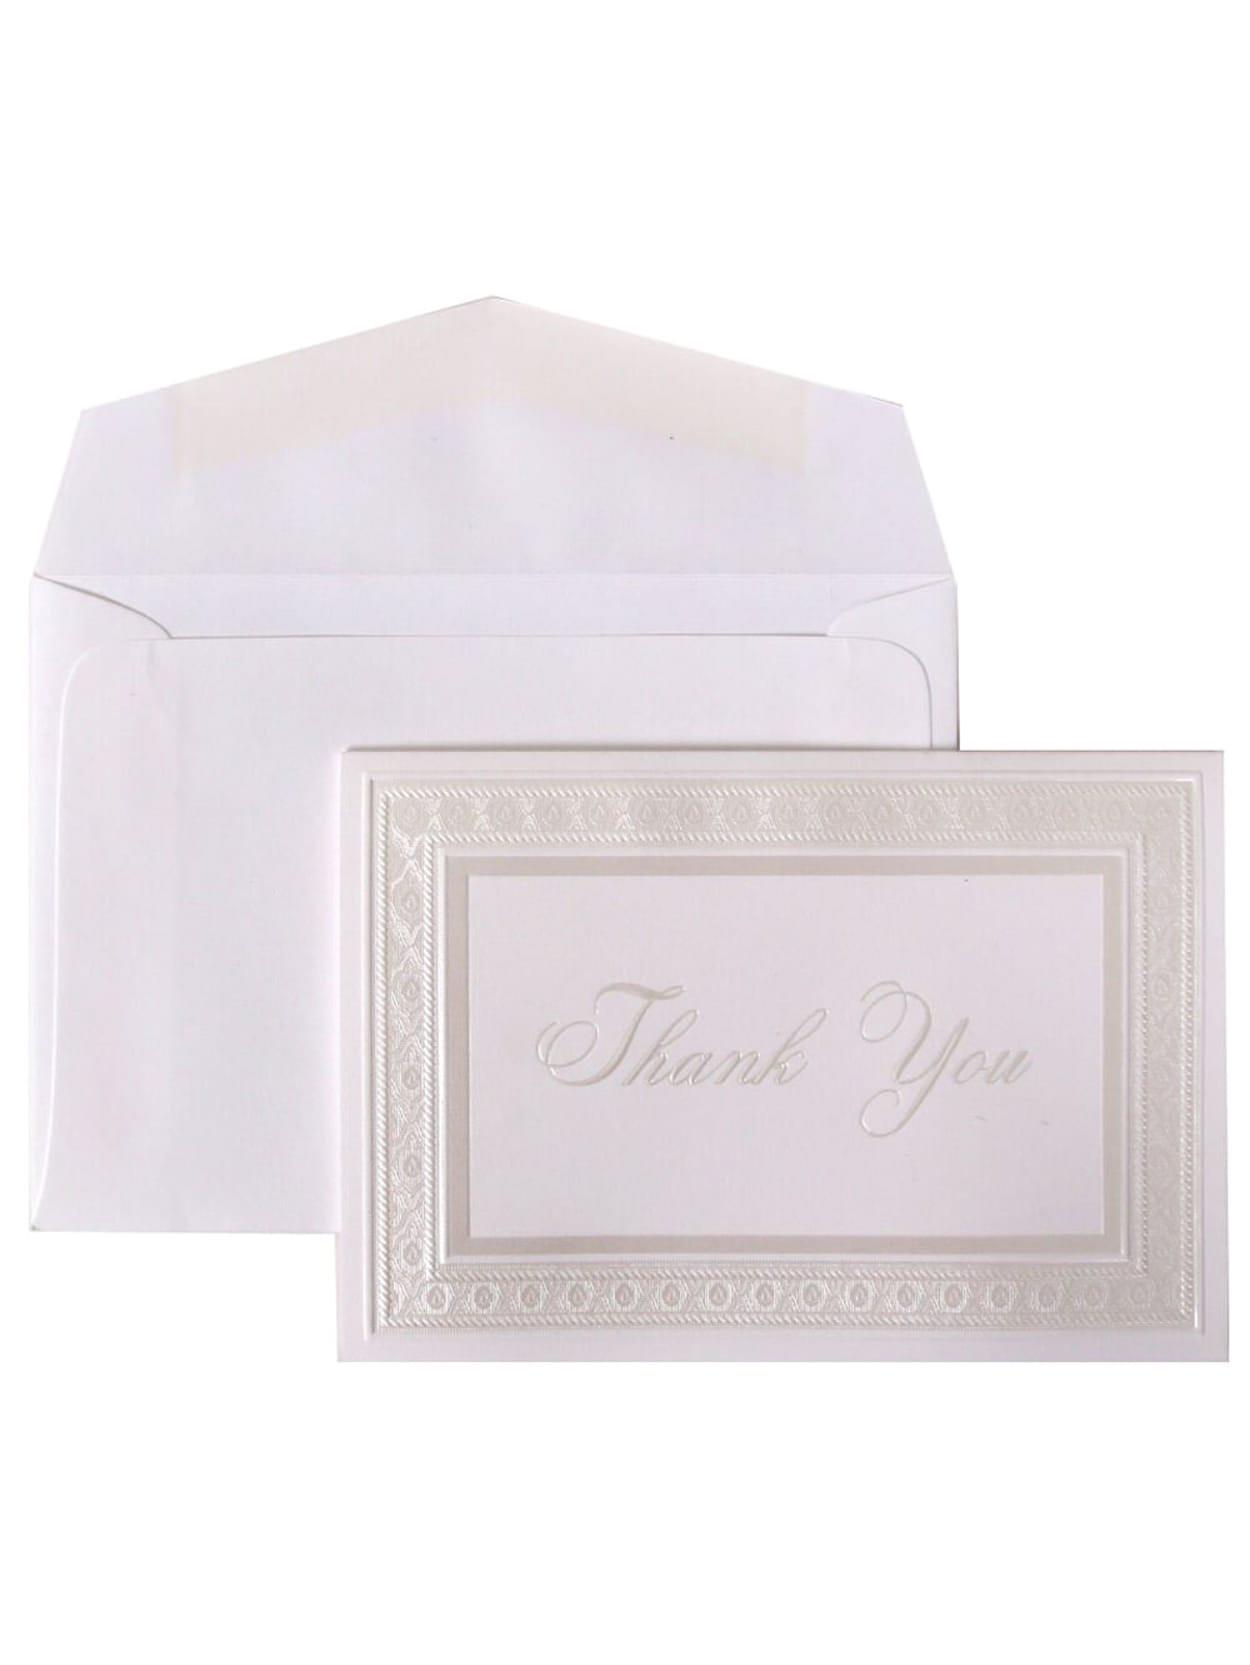 916783 p jam paper thank you card set